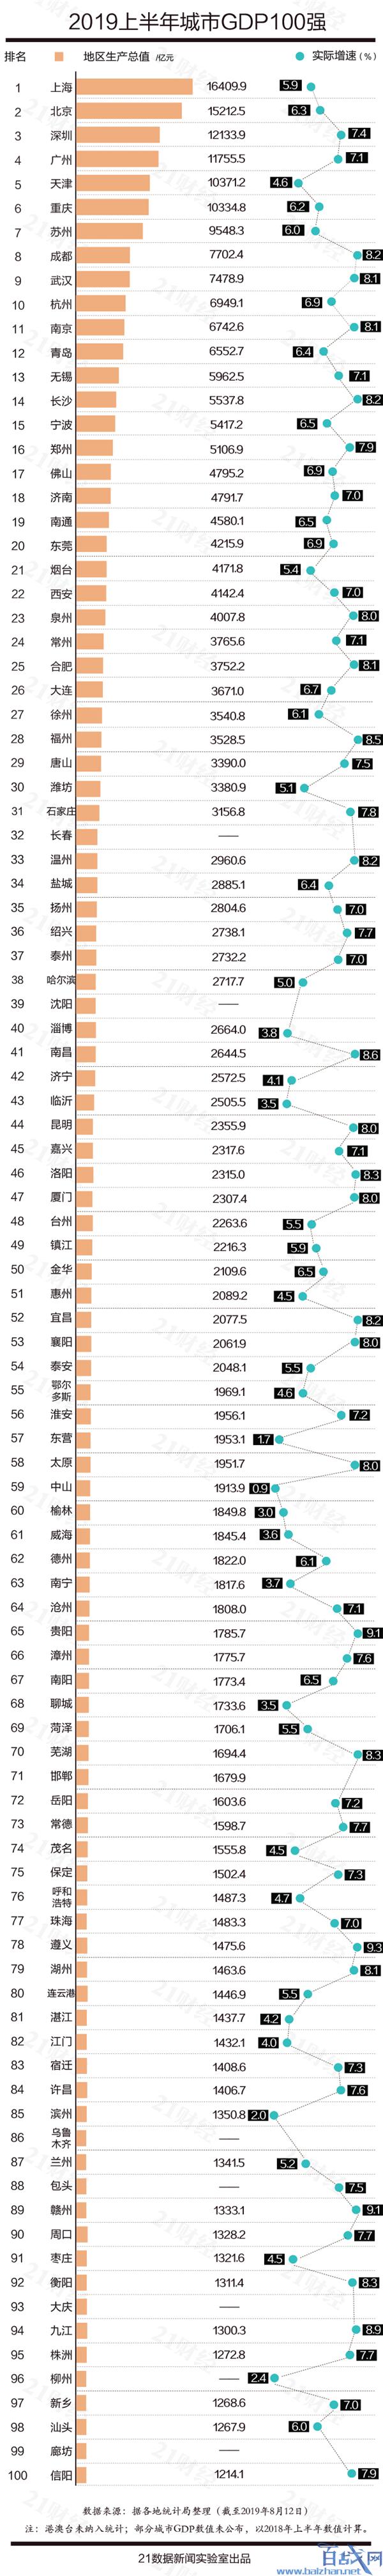 中国城市GDP百强榜,中国城市GDP排名,中国城市GDP